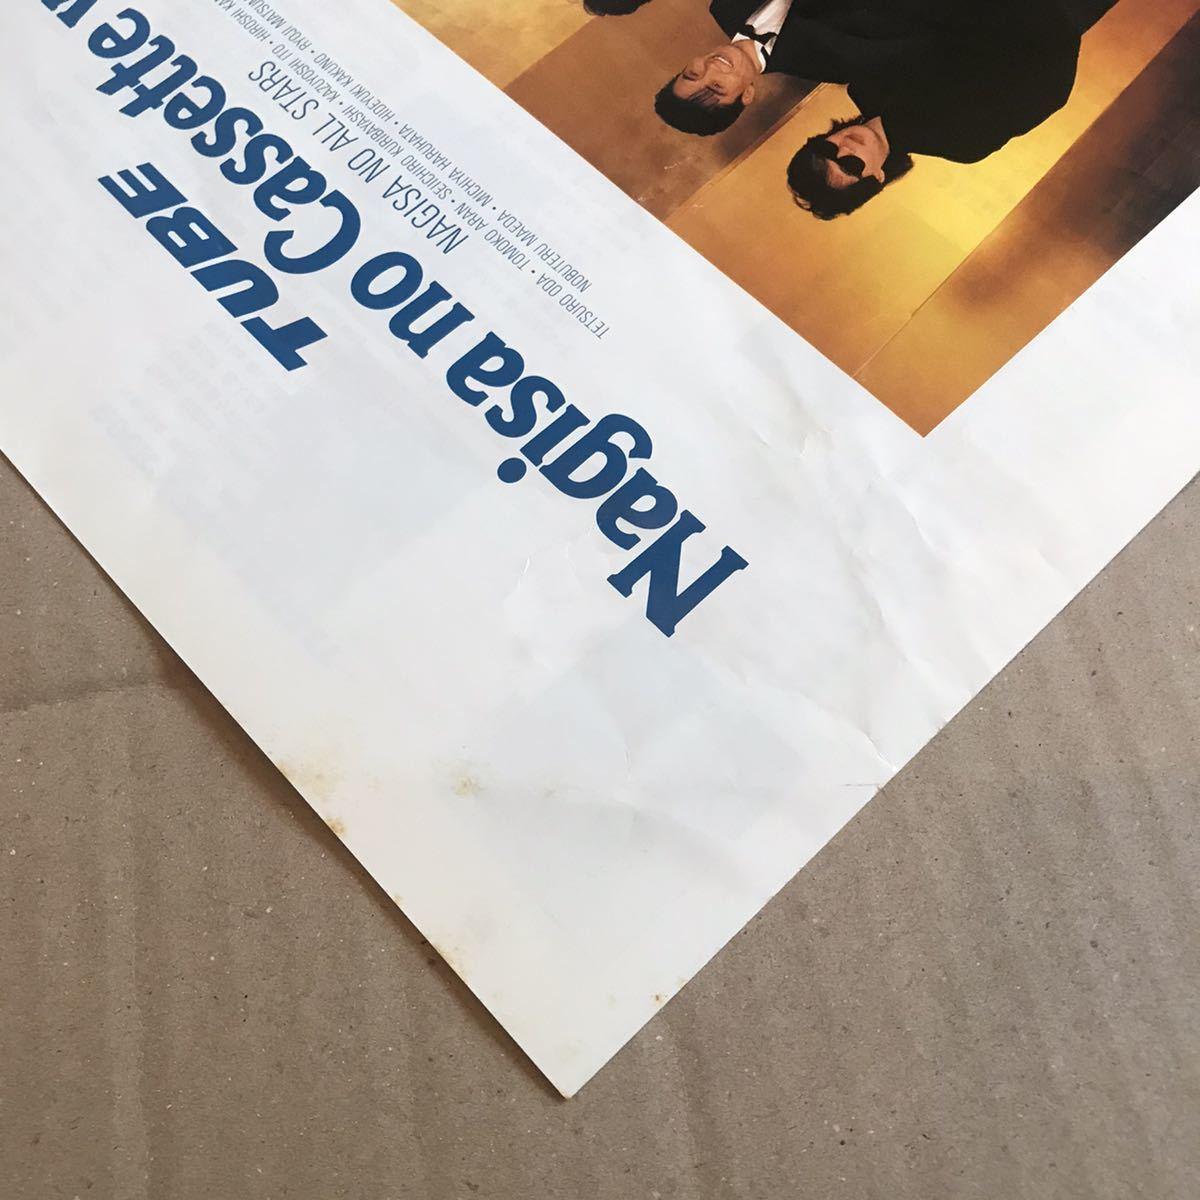 渚のオールスターズ 渚のカセット VOL.2 シーズン イン ザ サン TUBE 織田哲郎 亜蘭知子 栗林誠一郎 かまやつひろし 和モノ アナログ LP_画像8